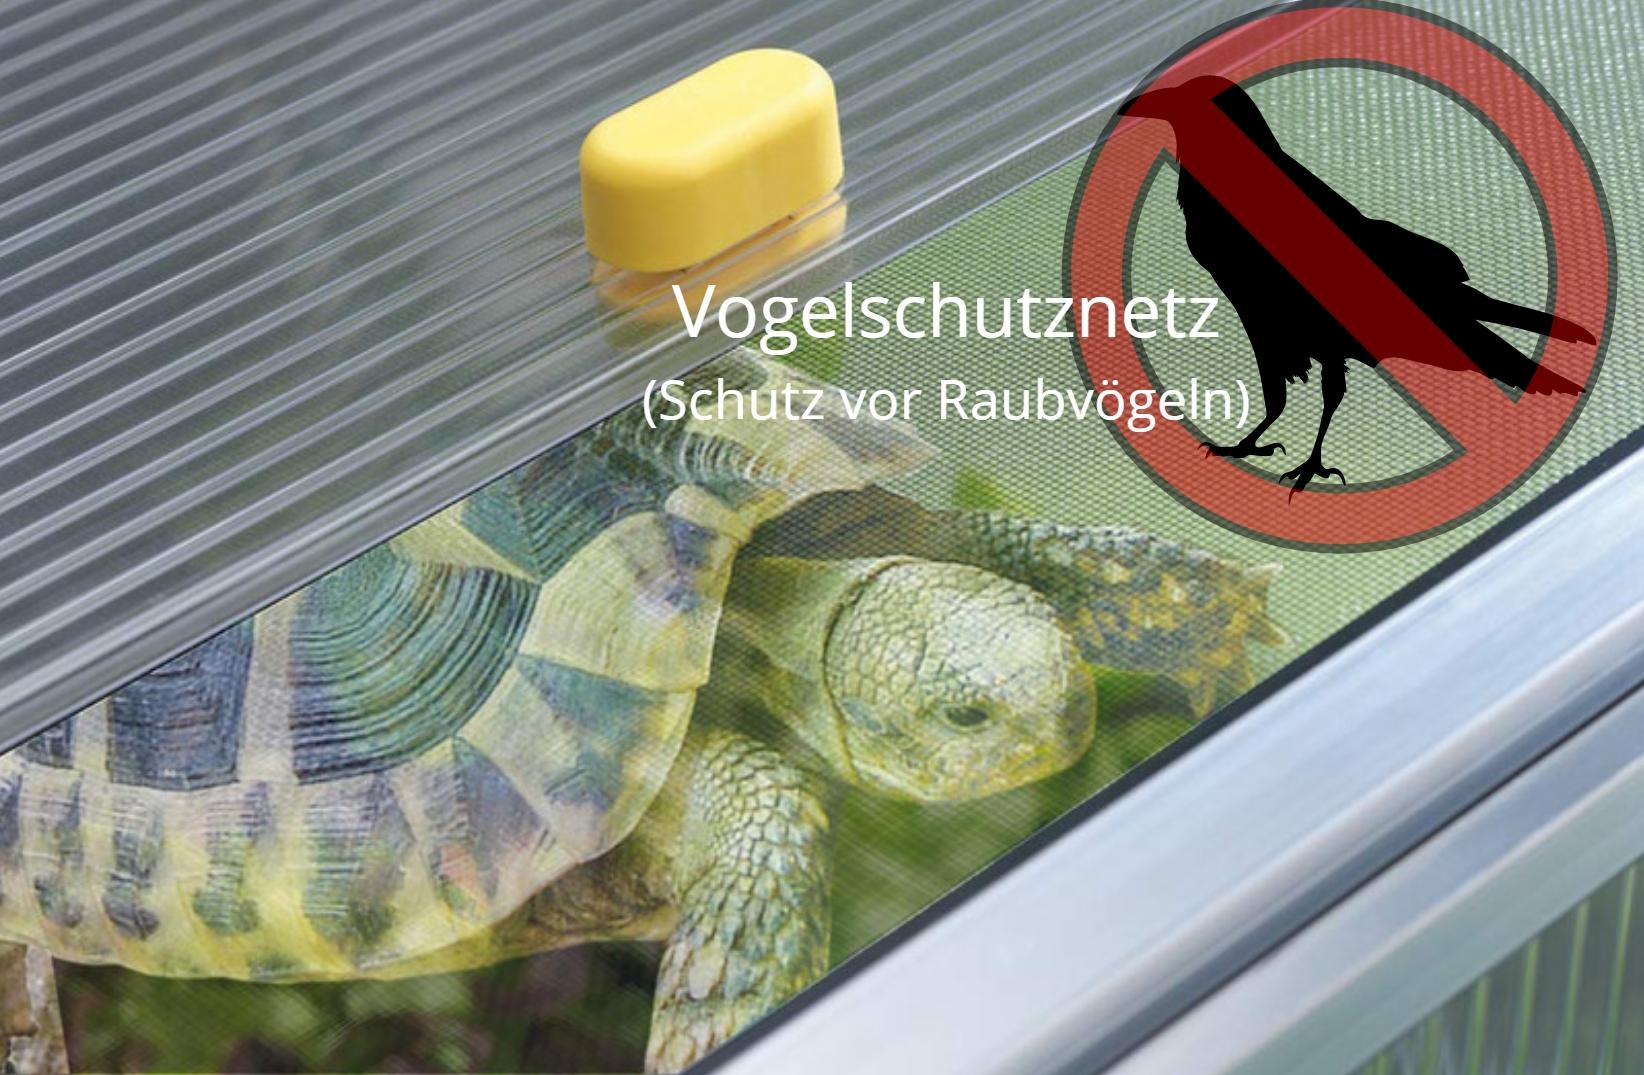 Schutz-durch-Vogelschutznetz-unter-dem-Schiebfenster